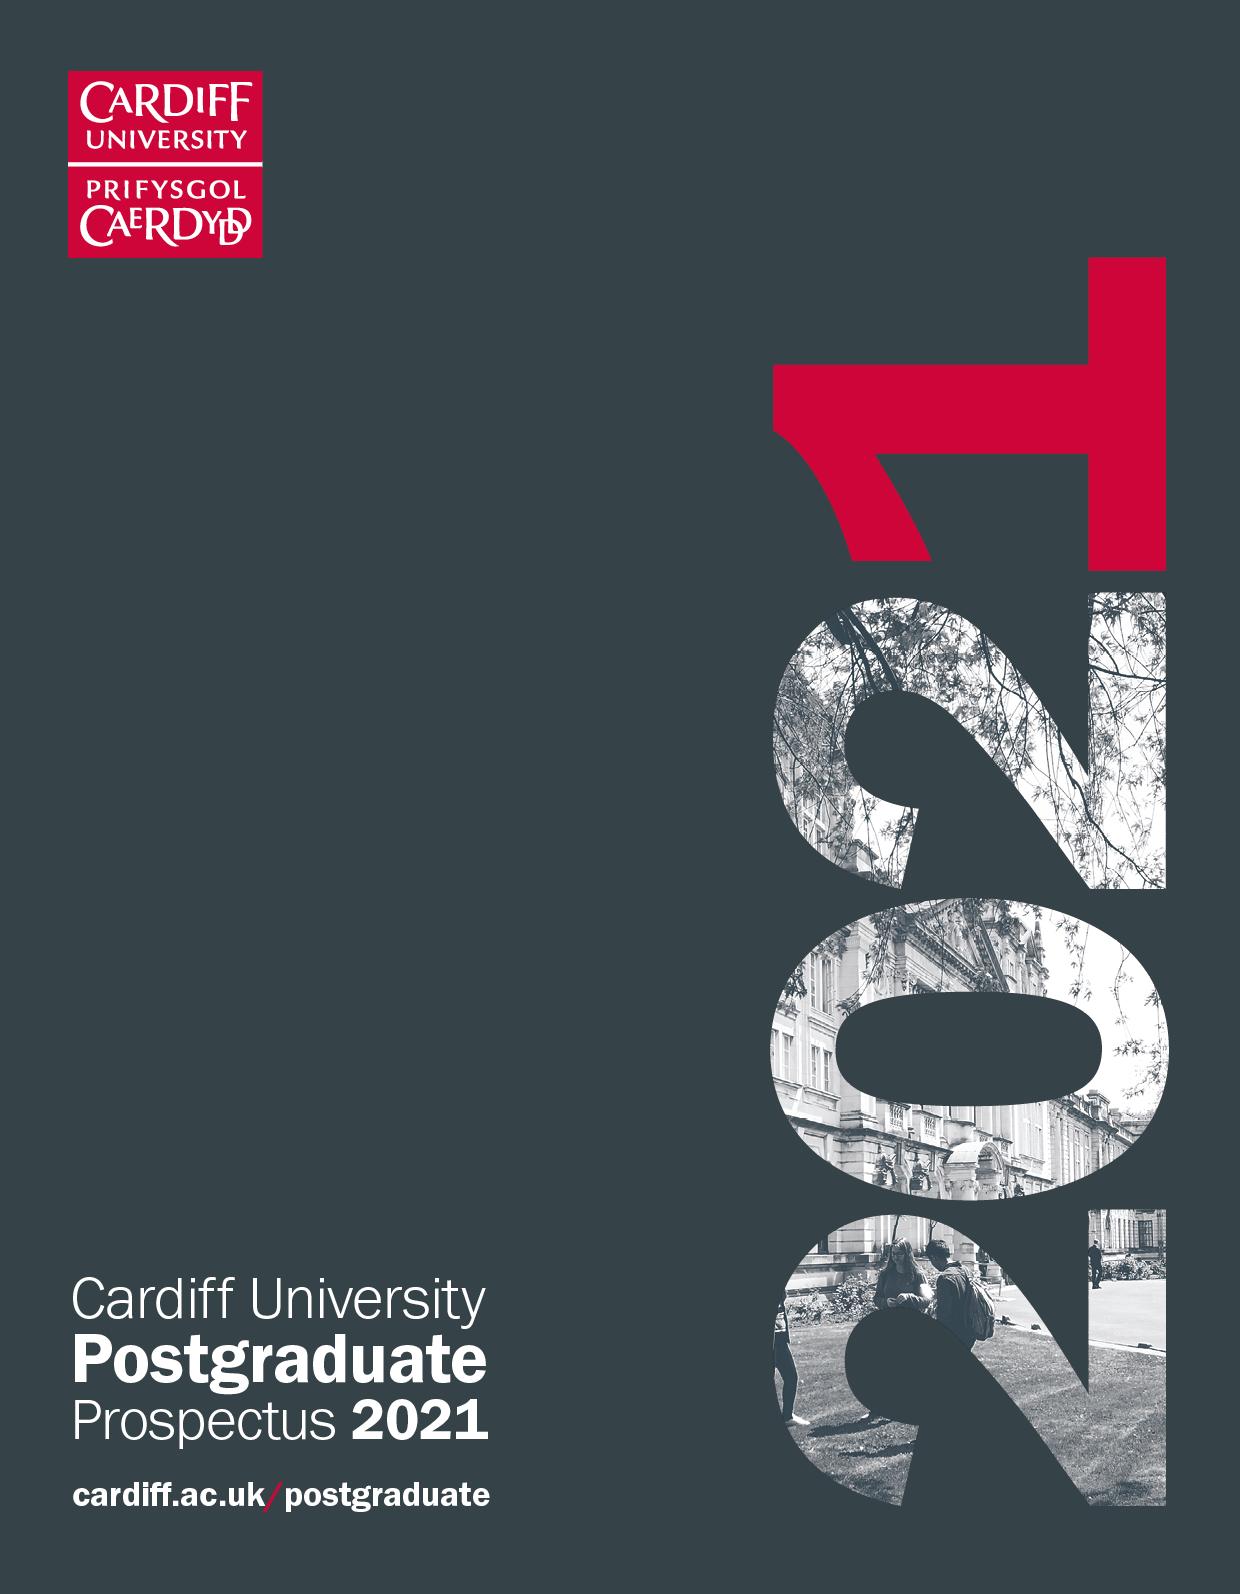 2021 postgraduate prospectus